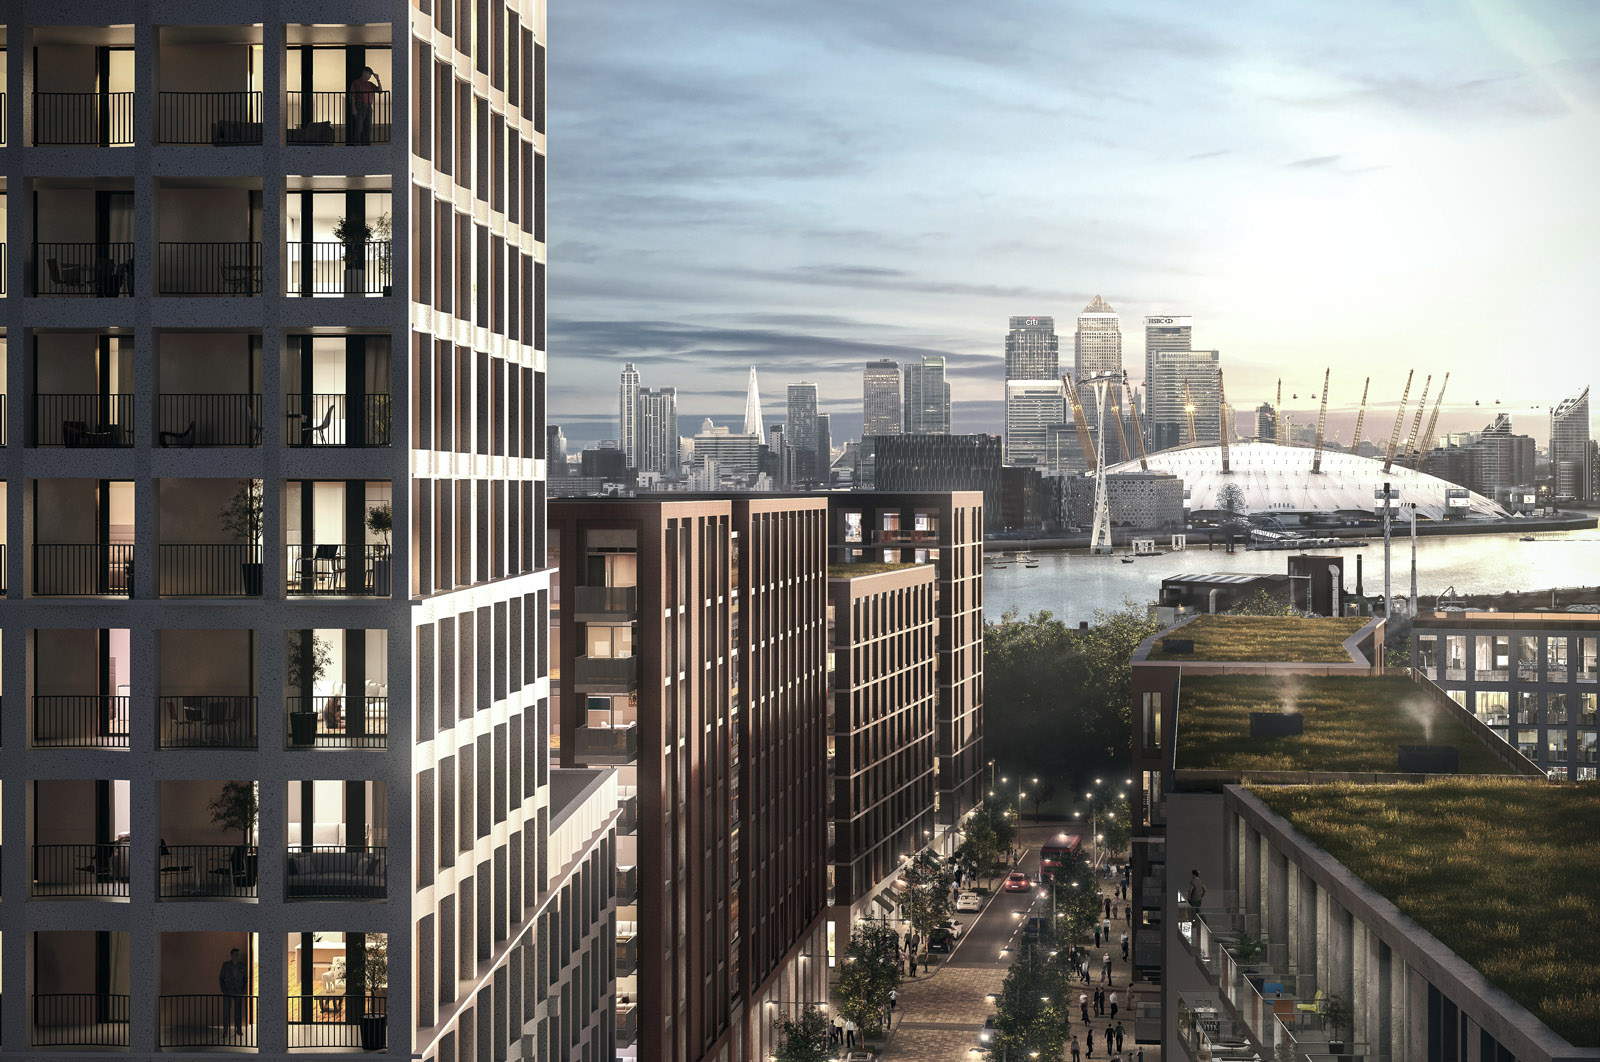 London Resi development - 02 hover shot